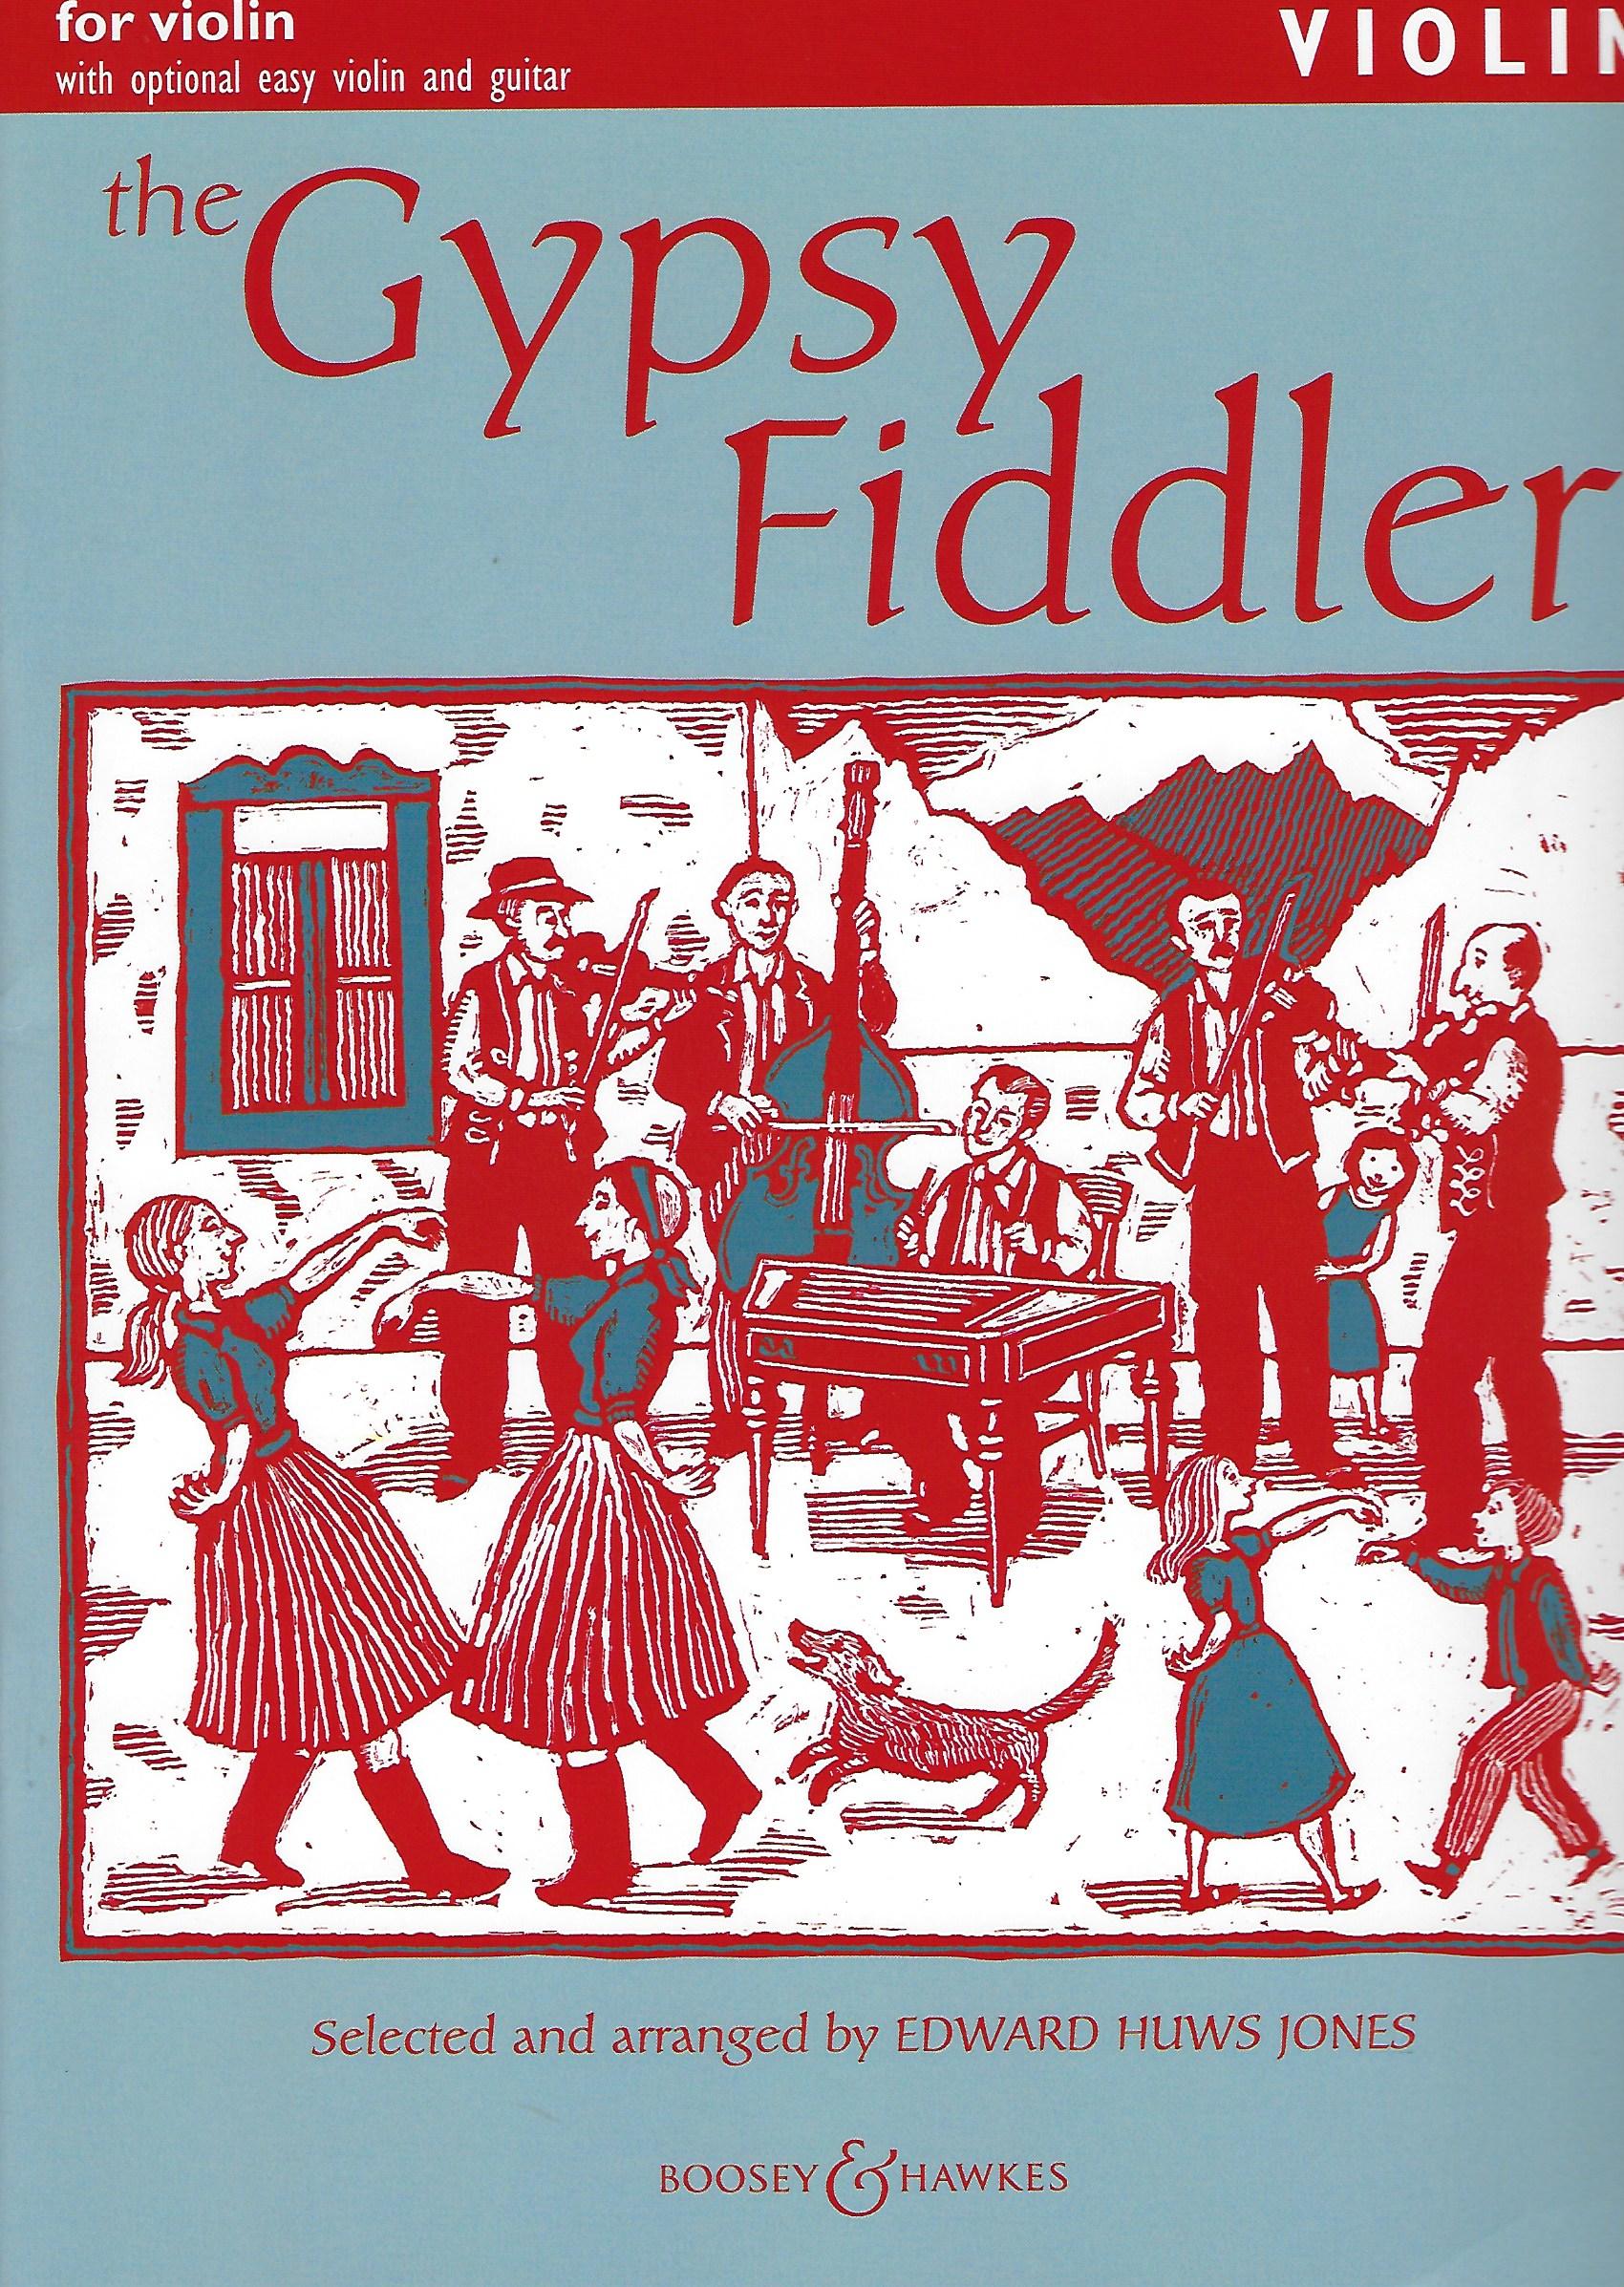 The Gypsy Fiddler